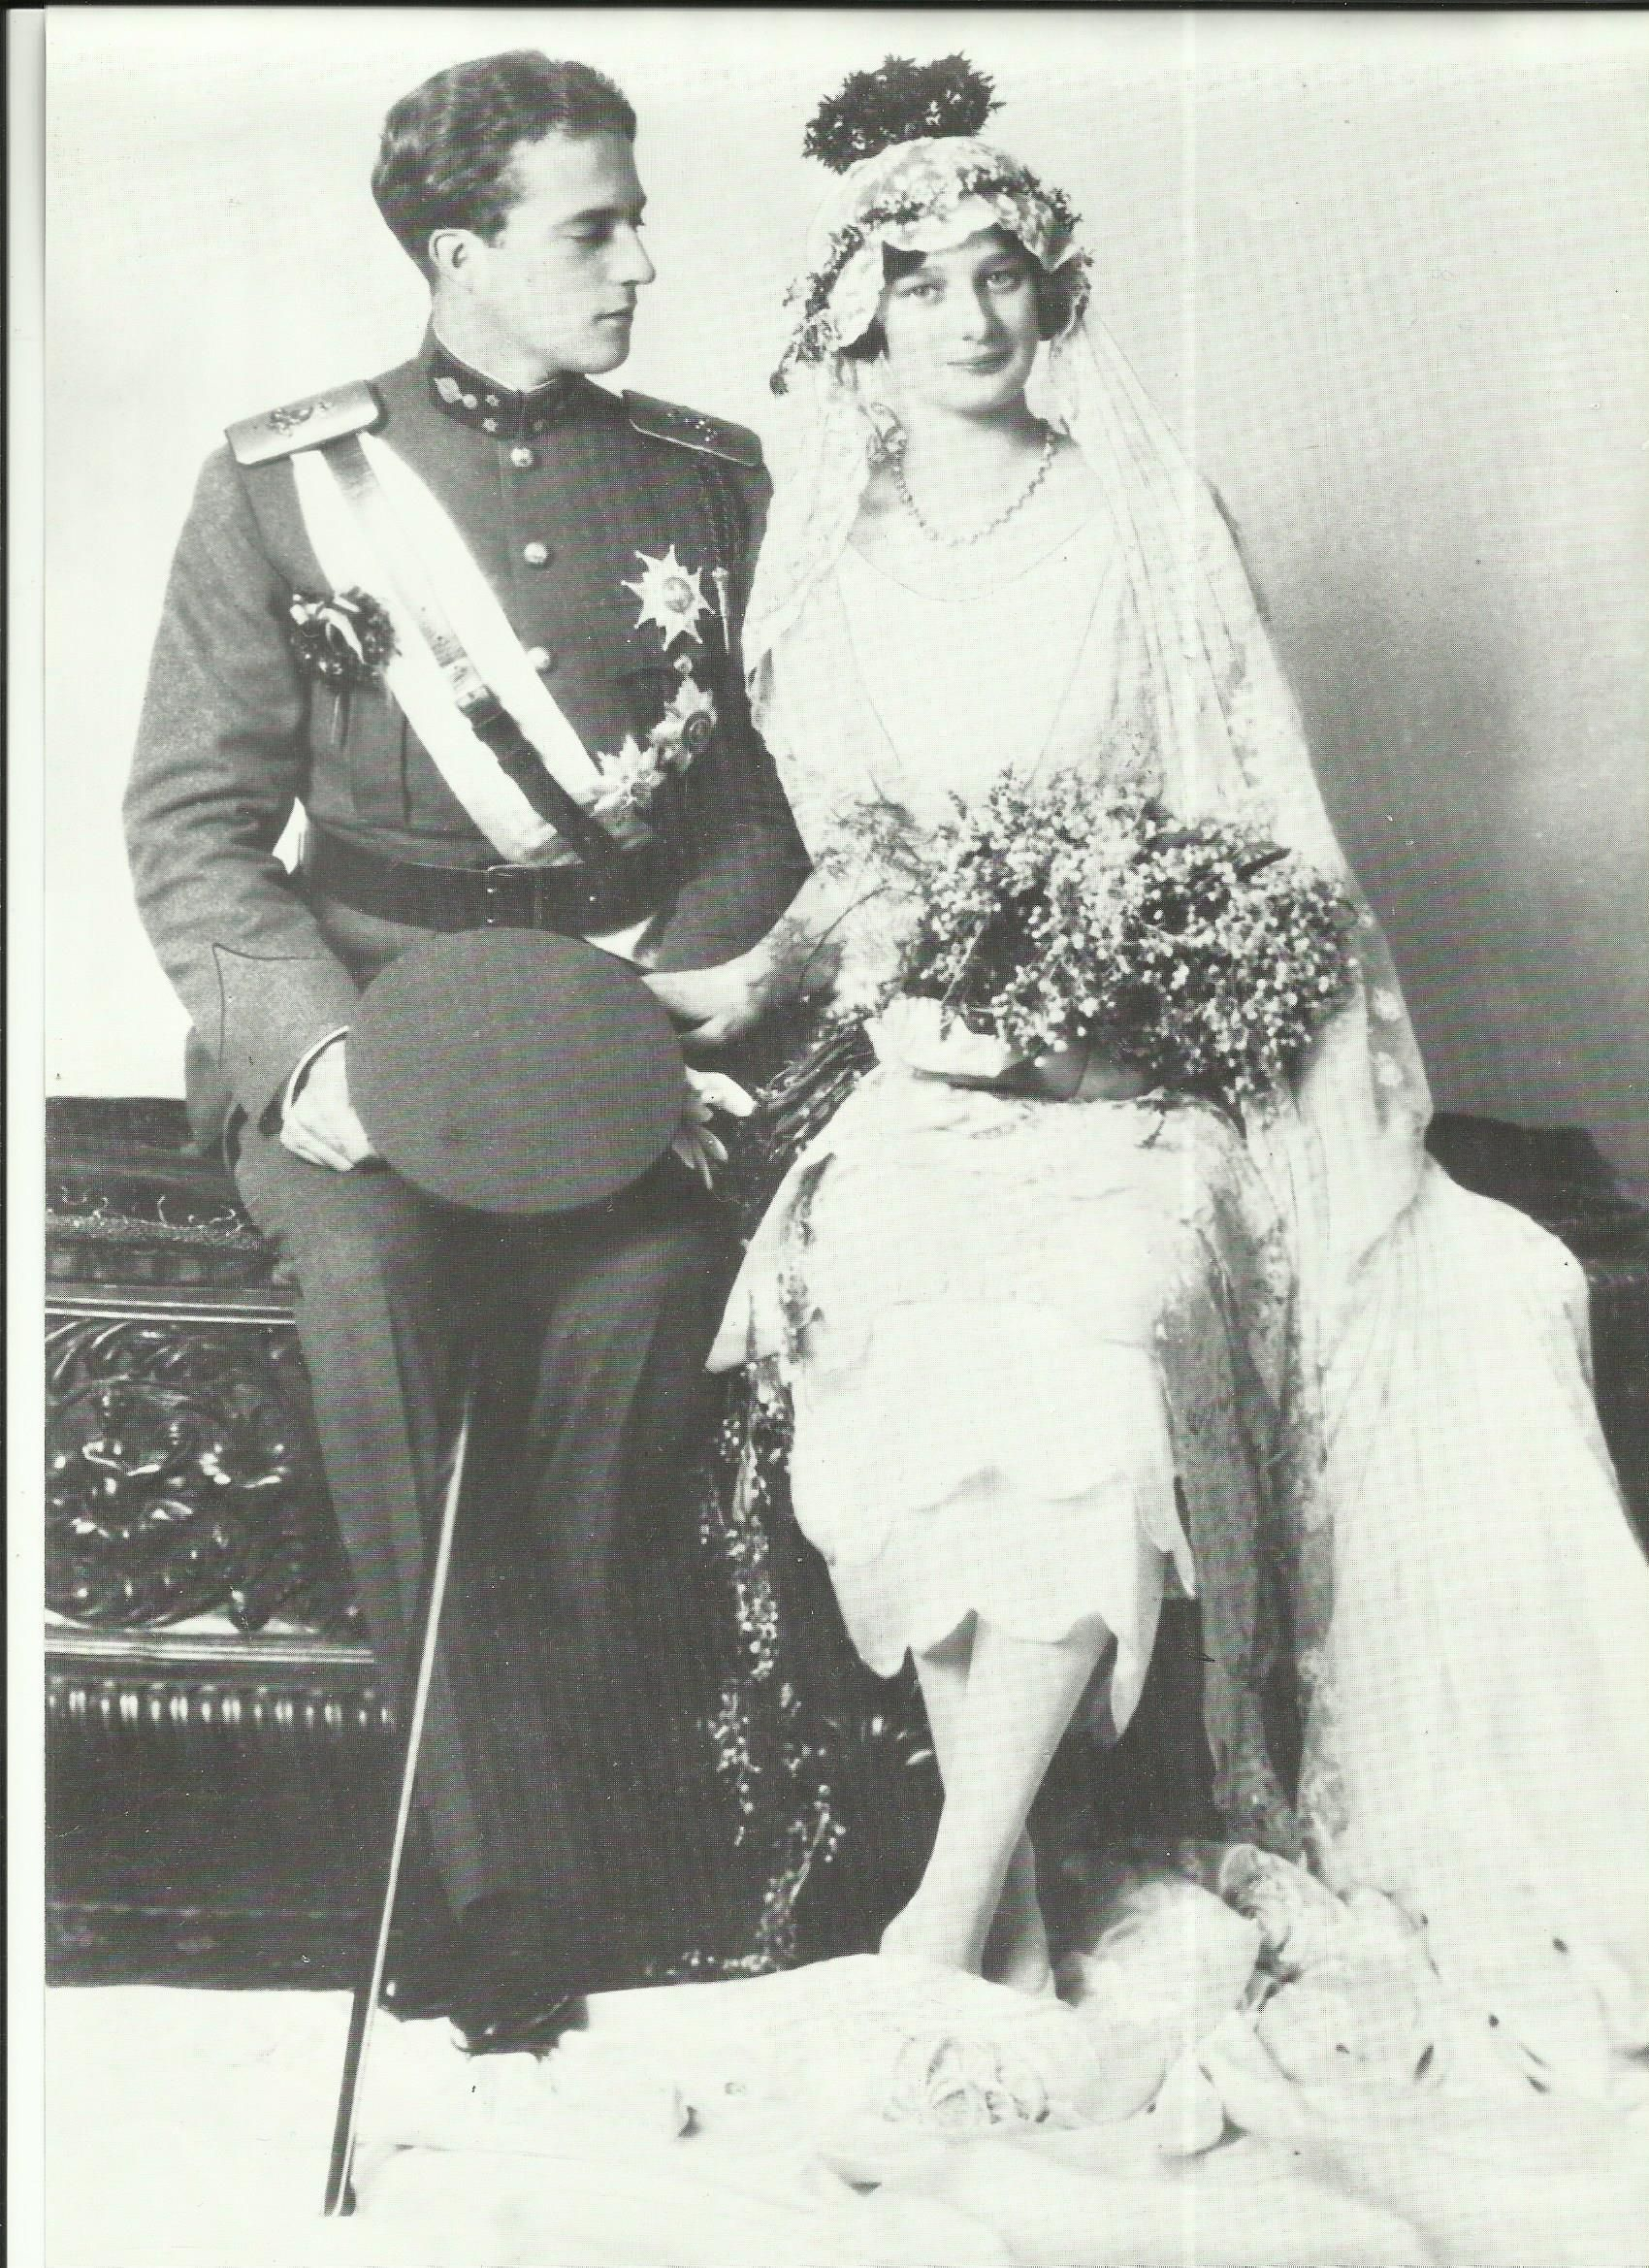 Het Huwelijk Van Kroonprins Leopold En Prinses Astrid Van Zweden In 1926 Bracht Groot Geluk In Het Belgische Ko Royal Wedding Dress Royal Weddings Royal Brides